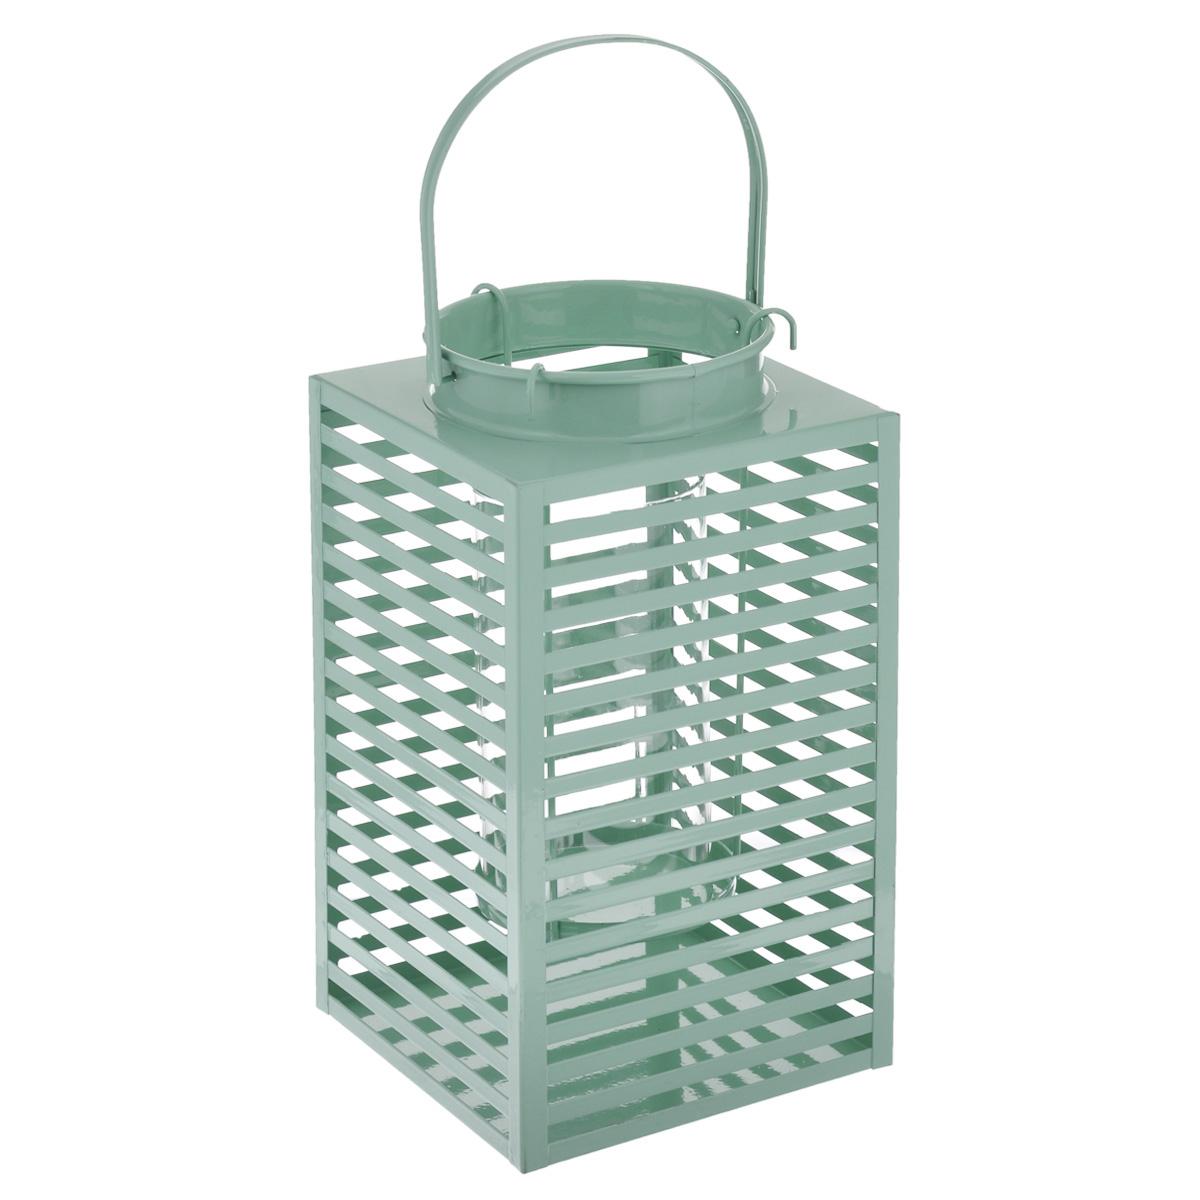 Подсвечник Gardman Orion, цвет: зеленый, 16,5 см х 30 см19765зДекоративный подсвечник Gardman Orion порадует каждого, кто его увидит. Подсвечник выполнен из металла в виде прямоугольной корзины, оснащенной внутри стеклянной емкостью для размещения свечи. Емкость подвешивается на специальные крючки за край подсвечника. Изделие оснащено металлической ручкой. Теплое мерцание пламени свечи подарит вам настроение волшебства и торжественности. Создайте в своем доме атмосферу уюта, преображая интерьер стильными, радующими глаза предметами. Размер подсвечника: 16,5 см х 16,5 см х 30 см. Высота емкости для свечи: 17 см. Диаметр емкости для свечи (по верхнему краю): 9 см. Высота ручки: 13 см.